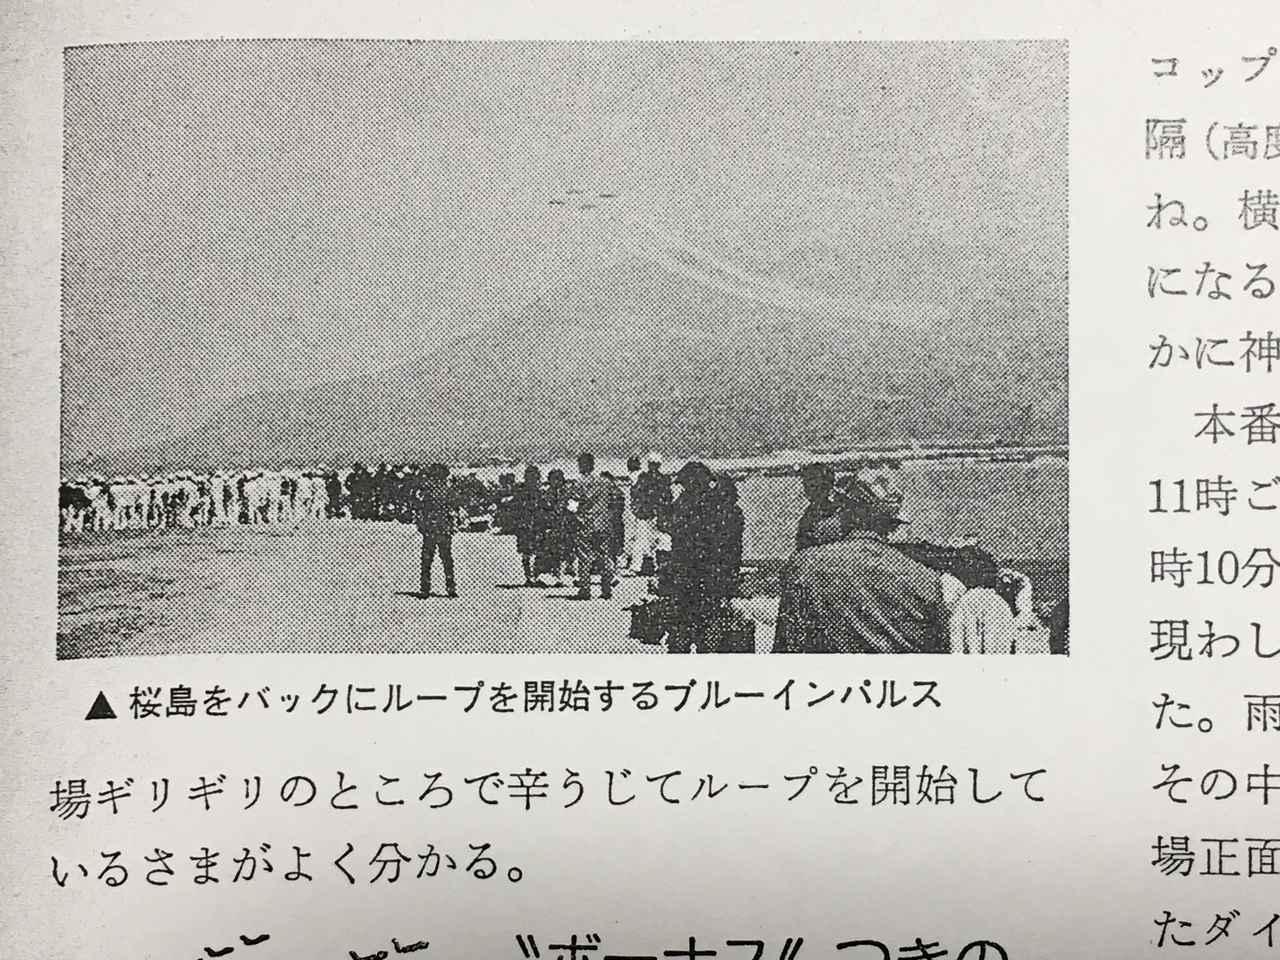 画像: 航空ジャーナルでは桜島バックの読者投稿写真が載っている。撮影者が書いていないのが残念なところだ。地面がカーブにそって濃さが違って見える。鴨池陸上競技場のトラック上から撮っているのだろうか。